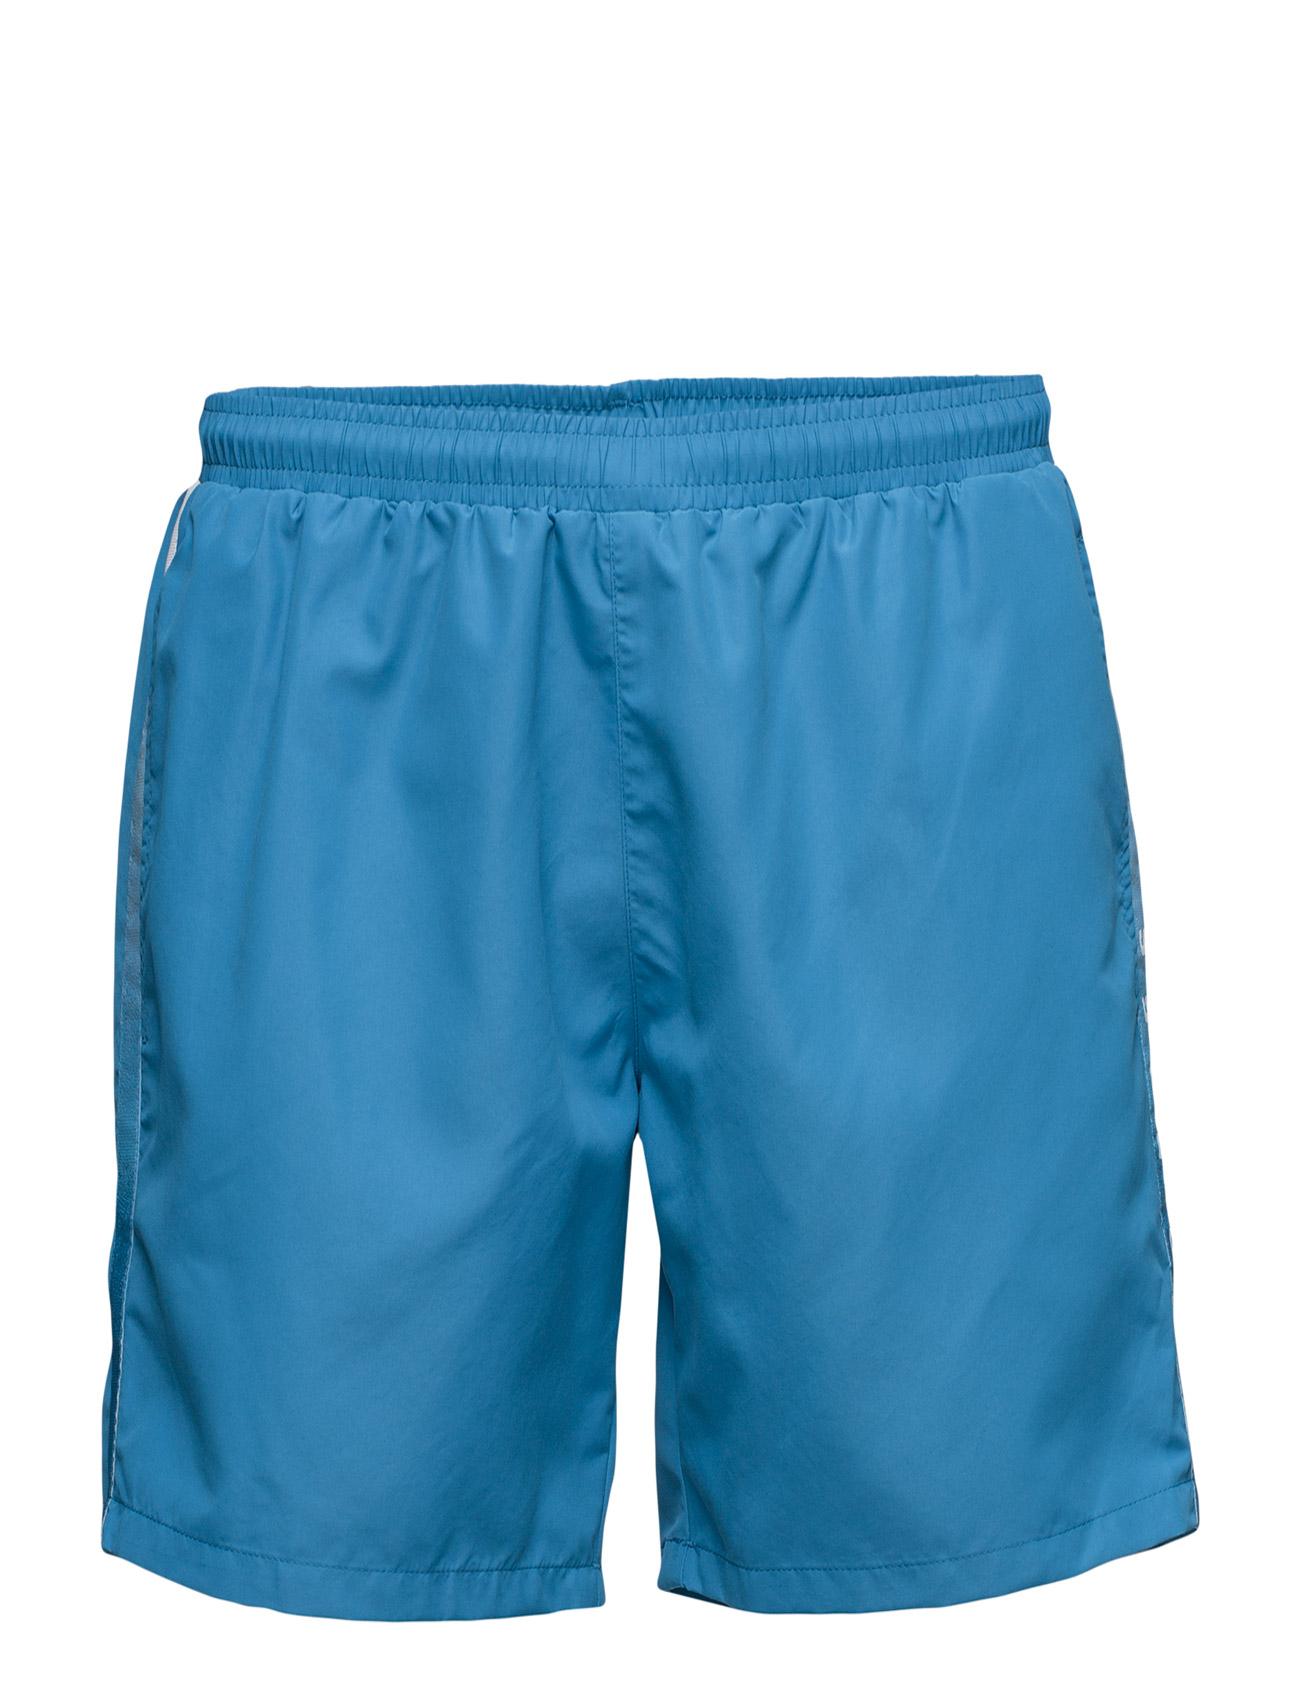 Seabream BOSS Badetøj til Mænd i Bright blå